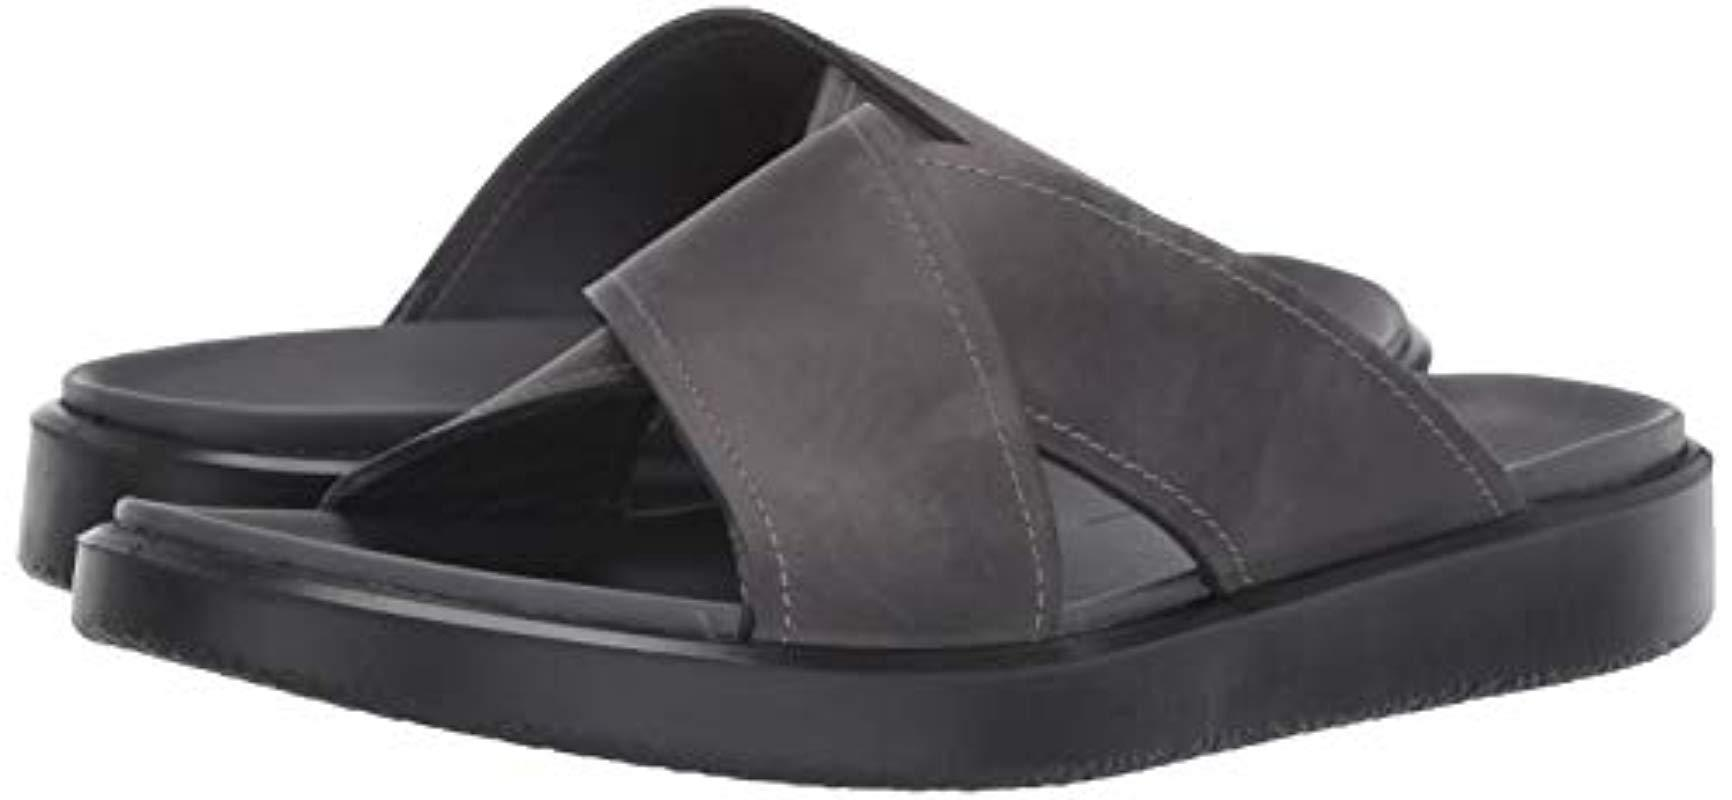 Ecco Flowt Lx Slide Flat Sandal in